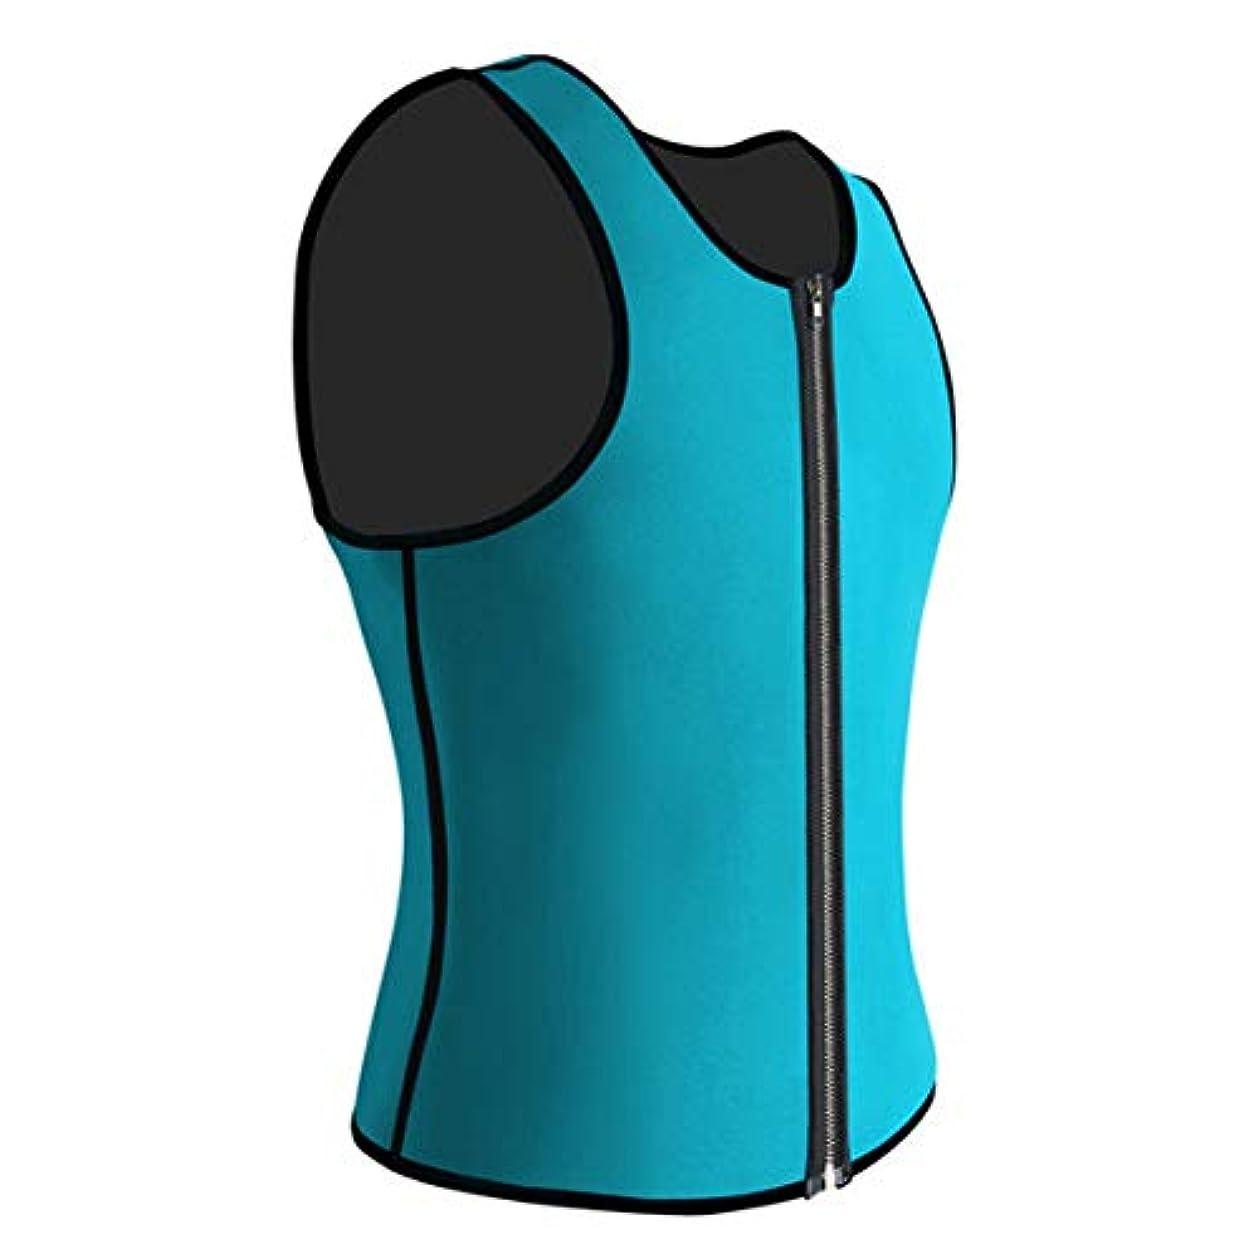 余韻限界有効Intercoreyメンズベストフィットネスラウンドネック汗吸収クイックドライボディシェイプタンクトップ脂肪燃焼痩身コルセット用男性shapewear